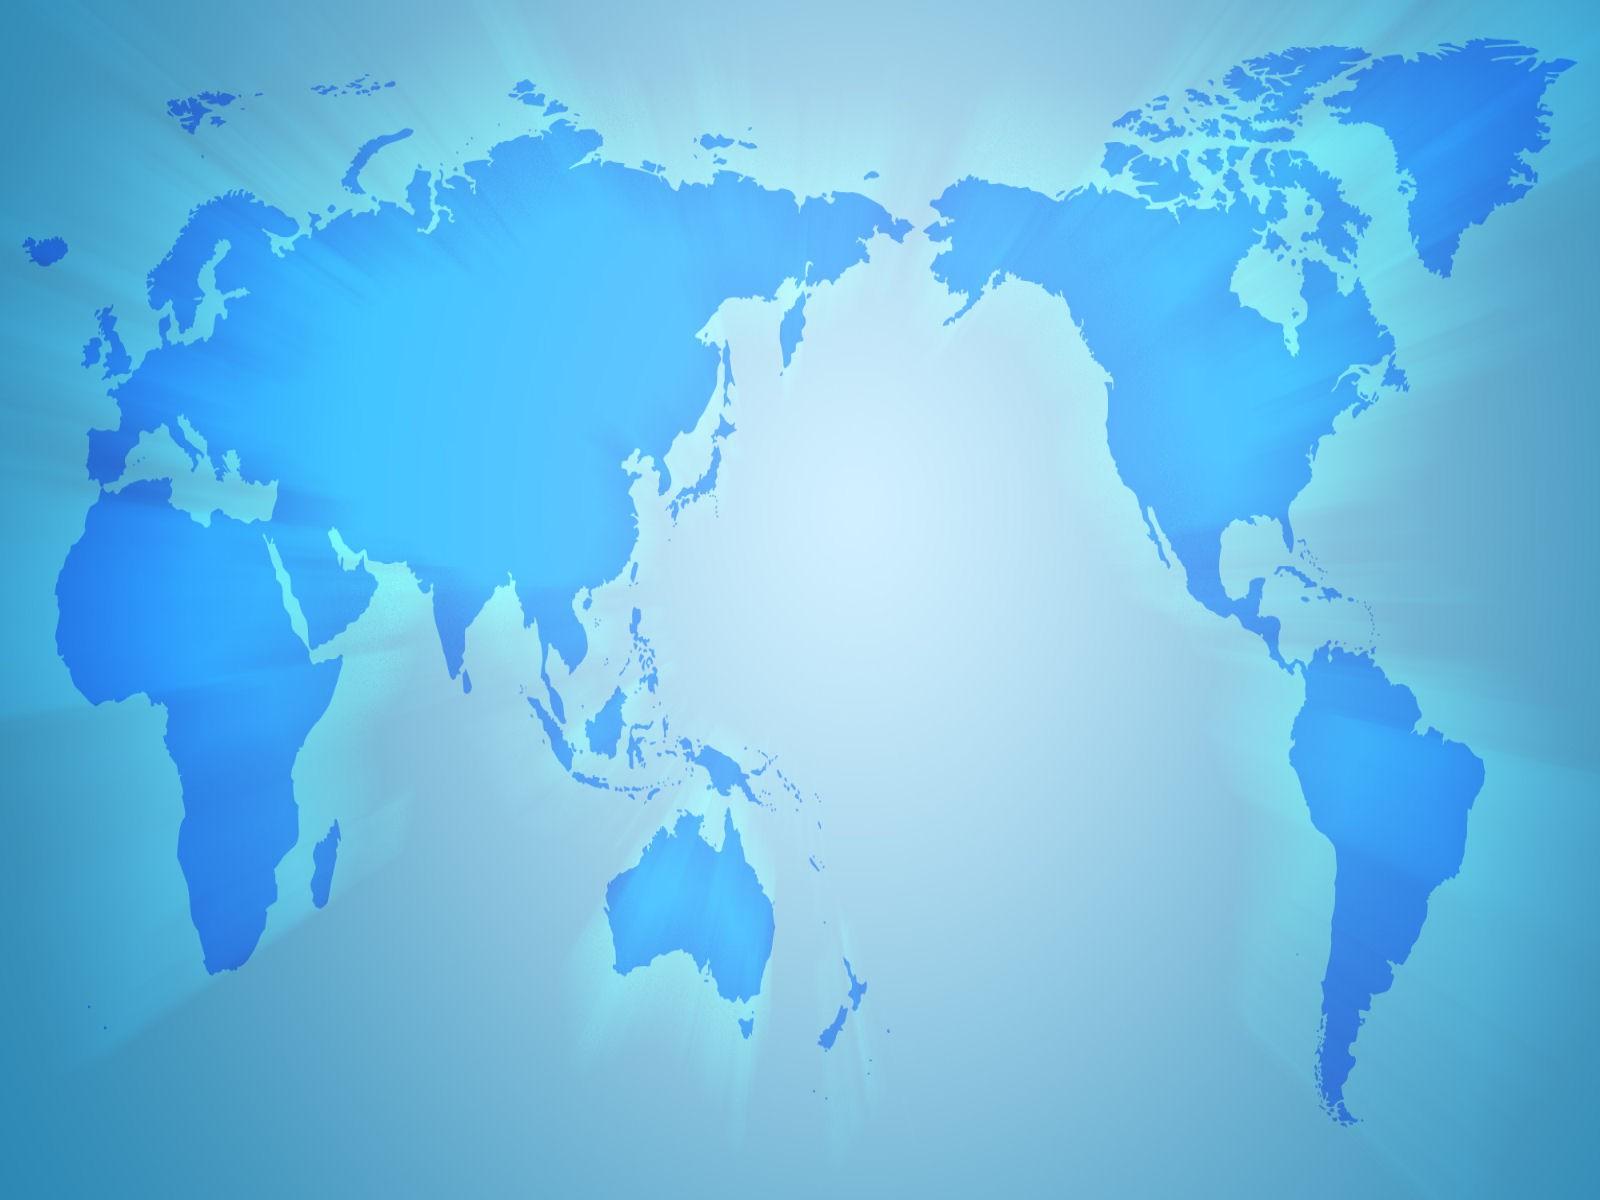 World Map Wallpaper Blue , HD Wallpaper & Backgrounds